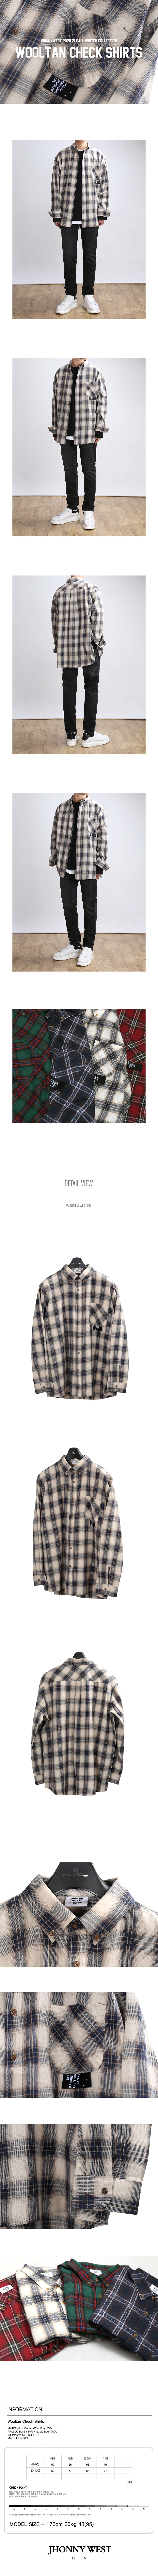 쟈니웨스트(JHONNY WEST) (마지막한정수량 재입고) Wooltan Check Shirts (Cream)